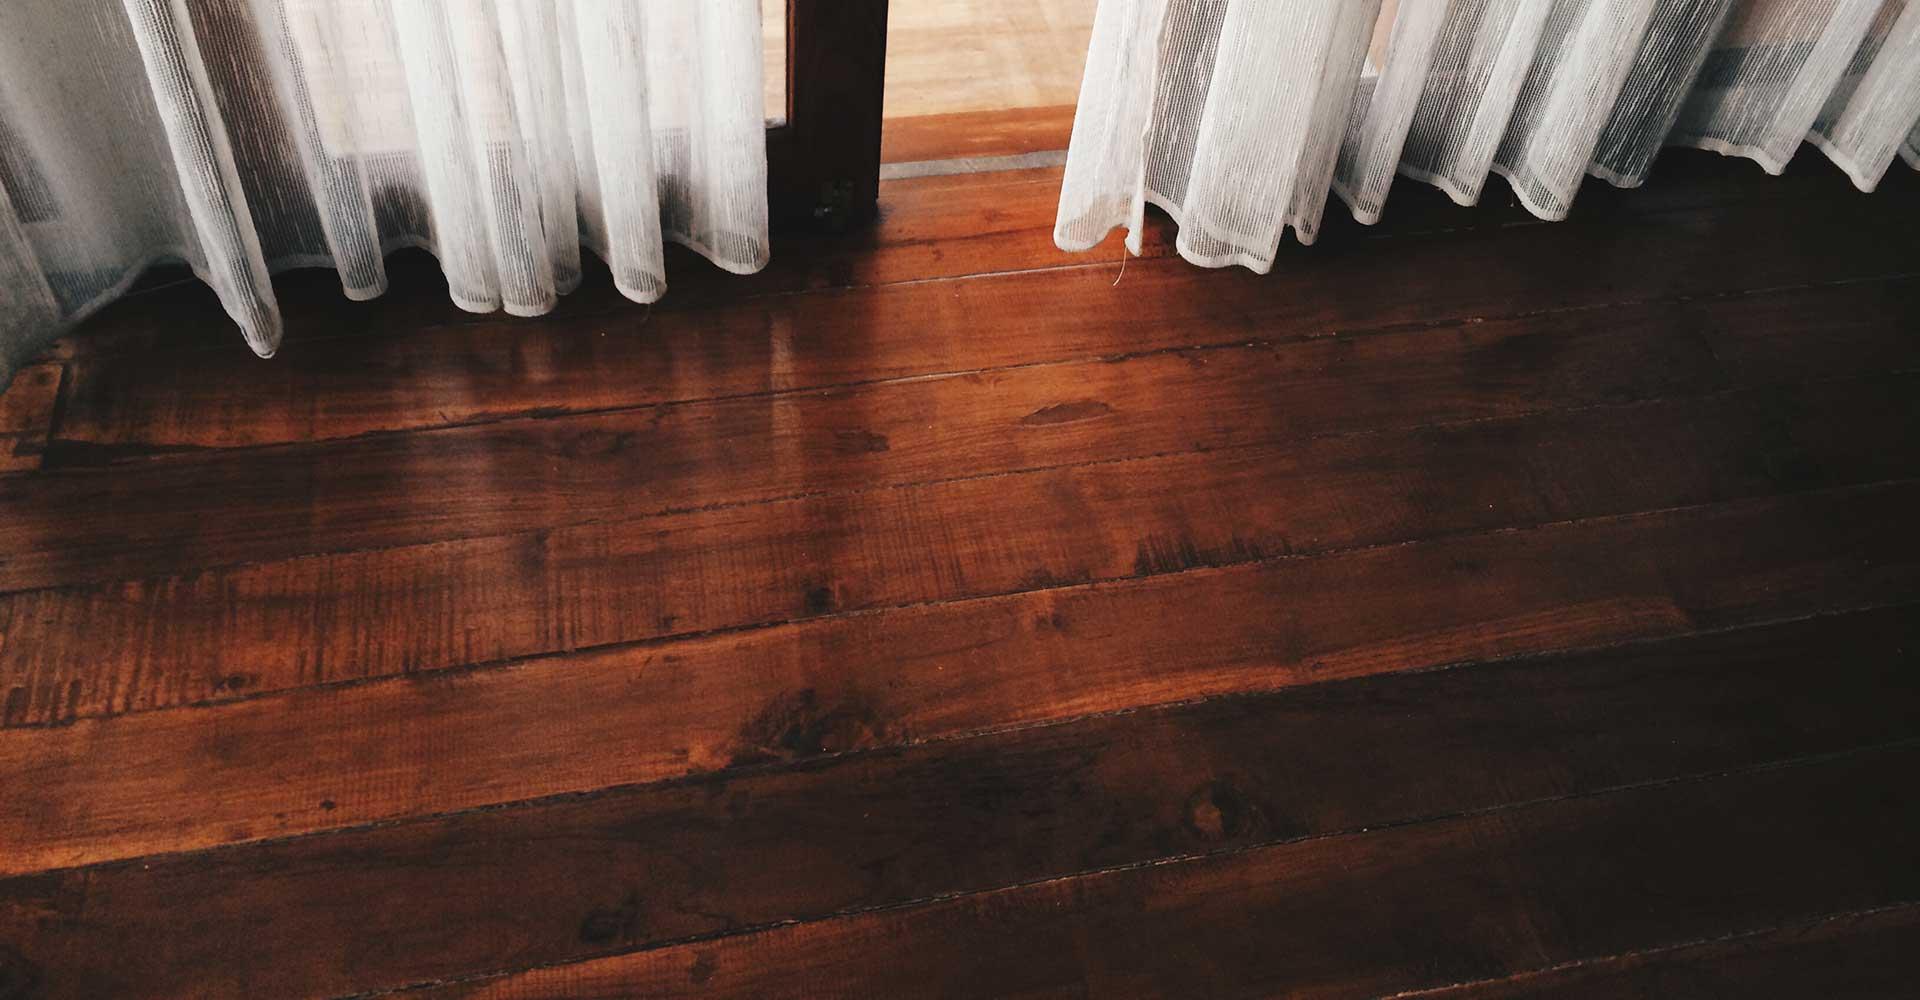 cv bel ge und pvc bel ge individuell gefertigt in d sseldorf. Black Bedroom Furniture Sets. Home Design Ideas